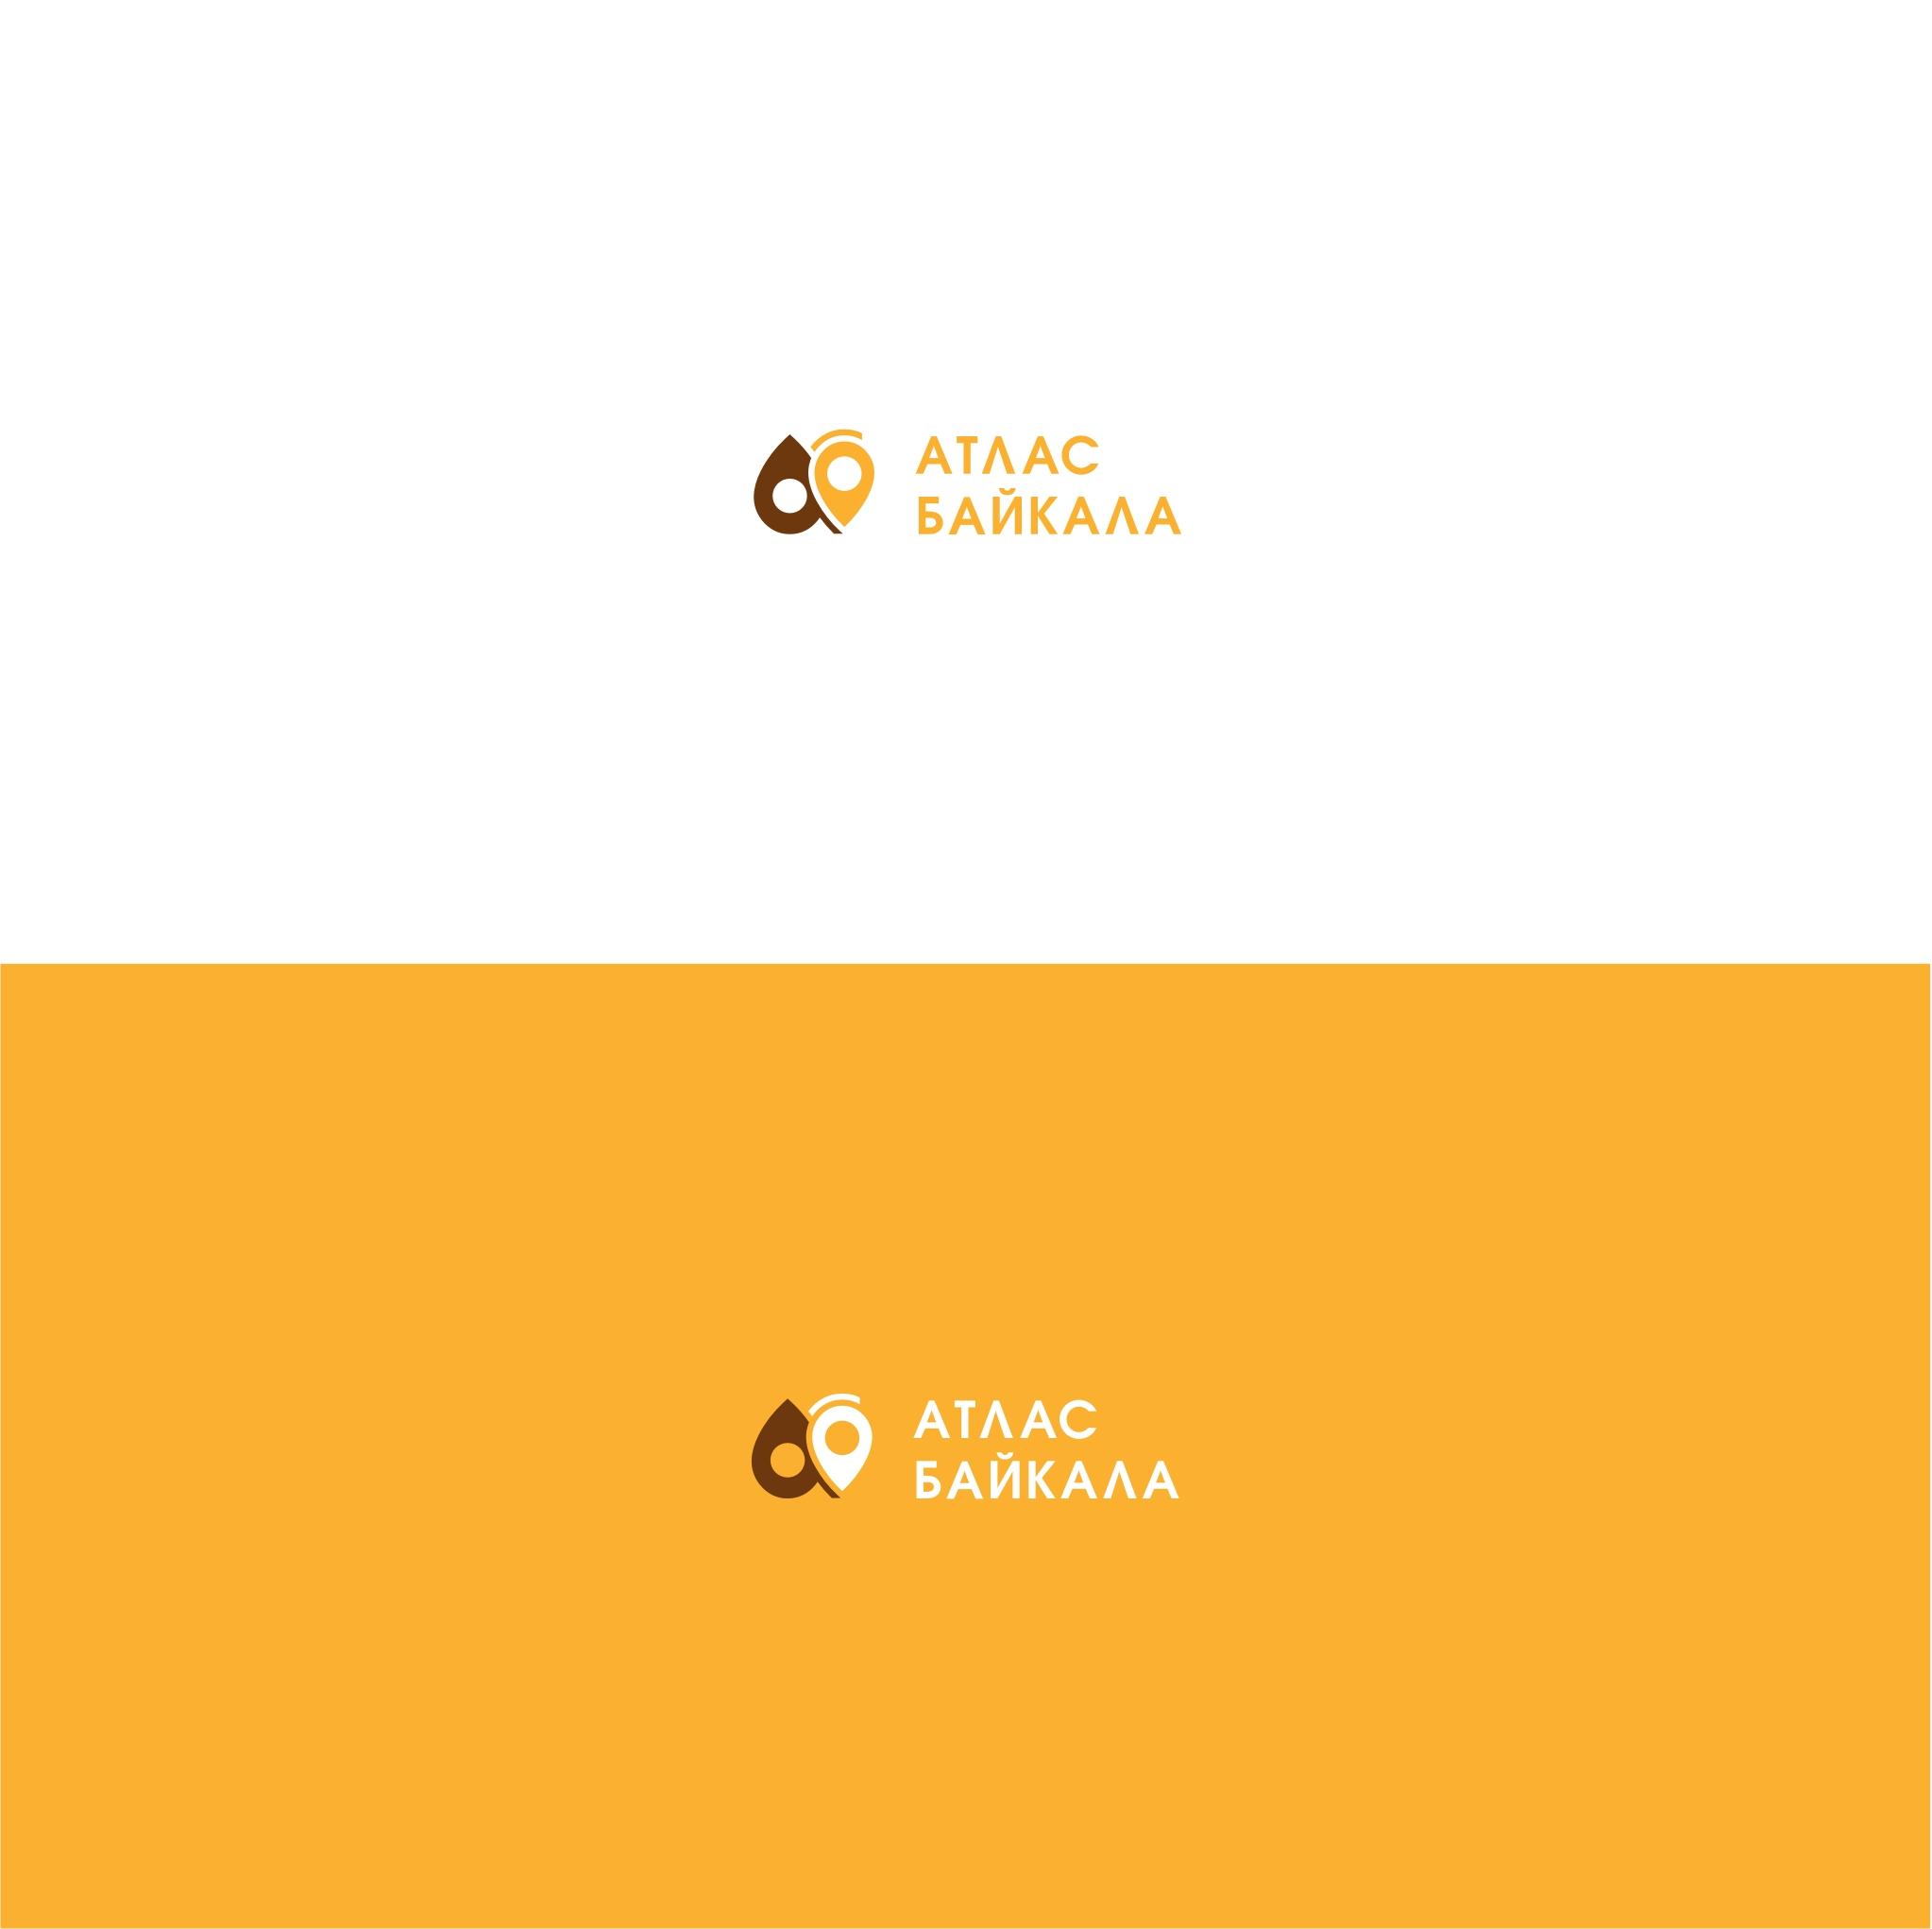 Разработка логотипа Атлас Байкала фото f_6375b1610704f329.jpg